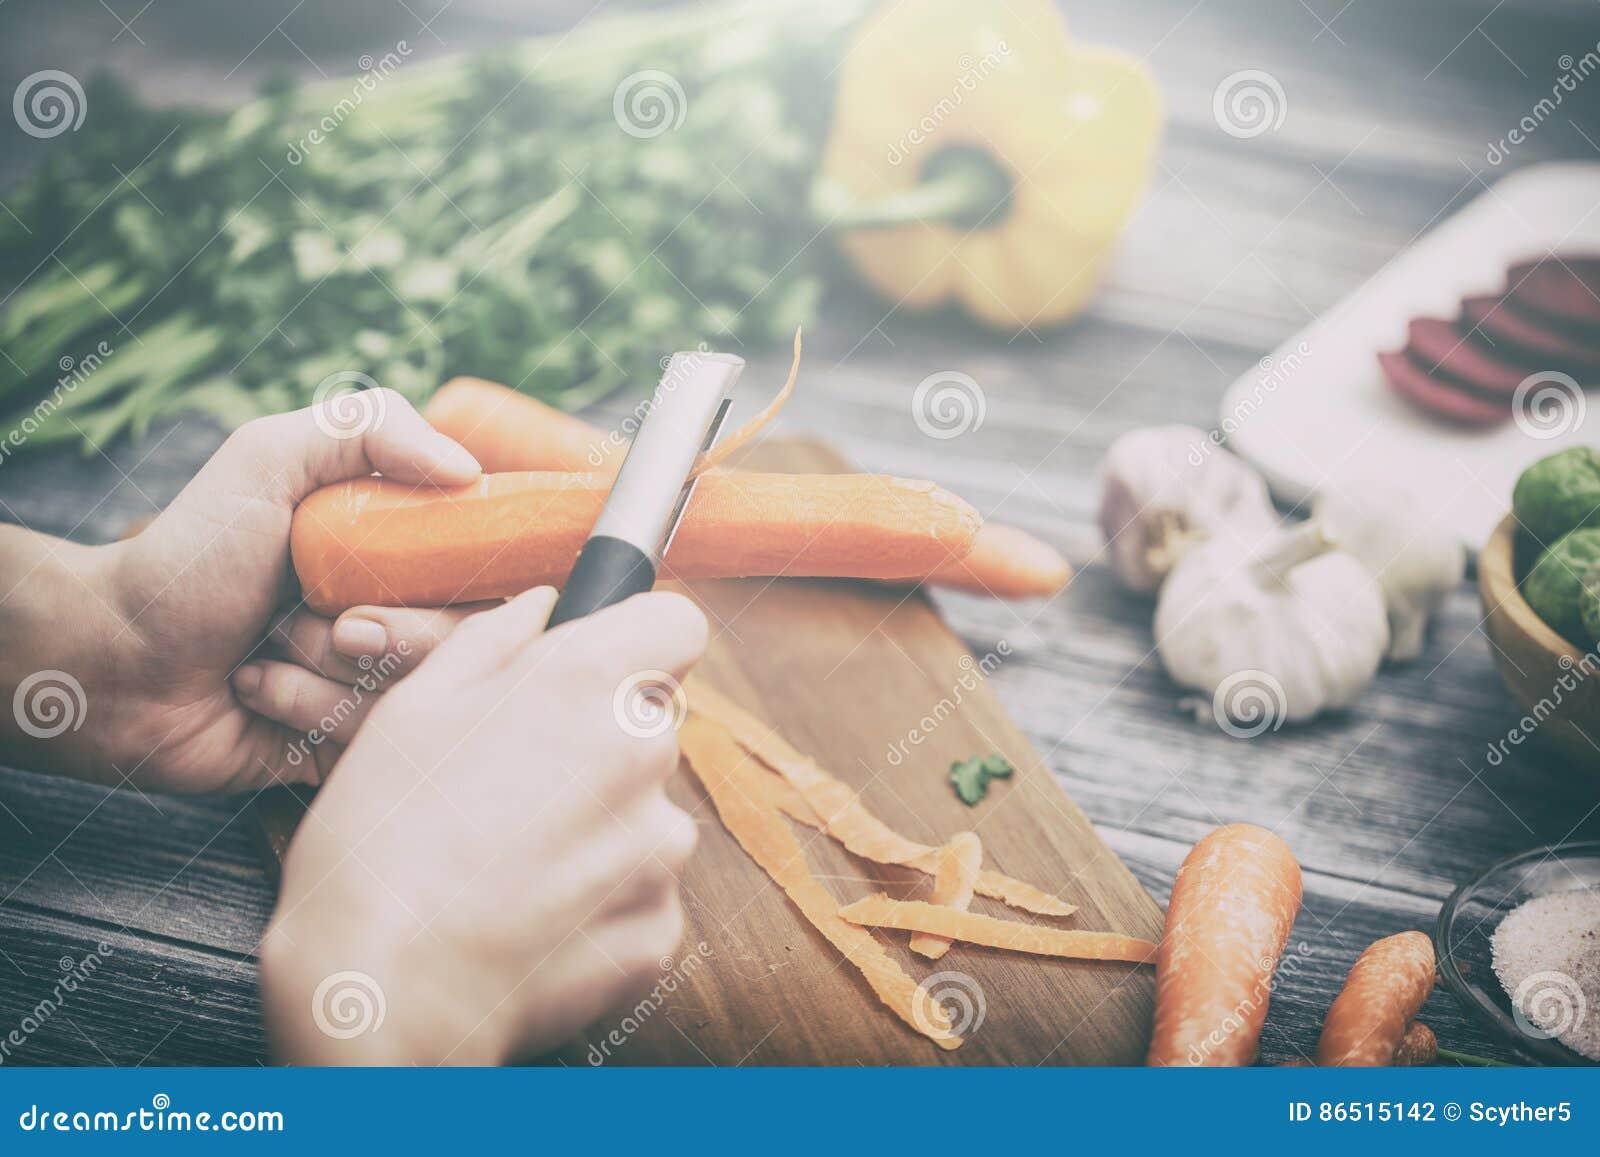 Przecinanie, ciapanie i obieranie warzywa gotują